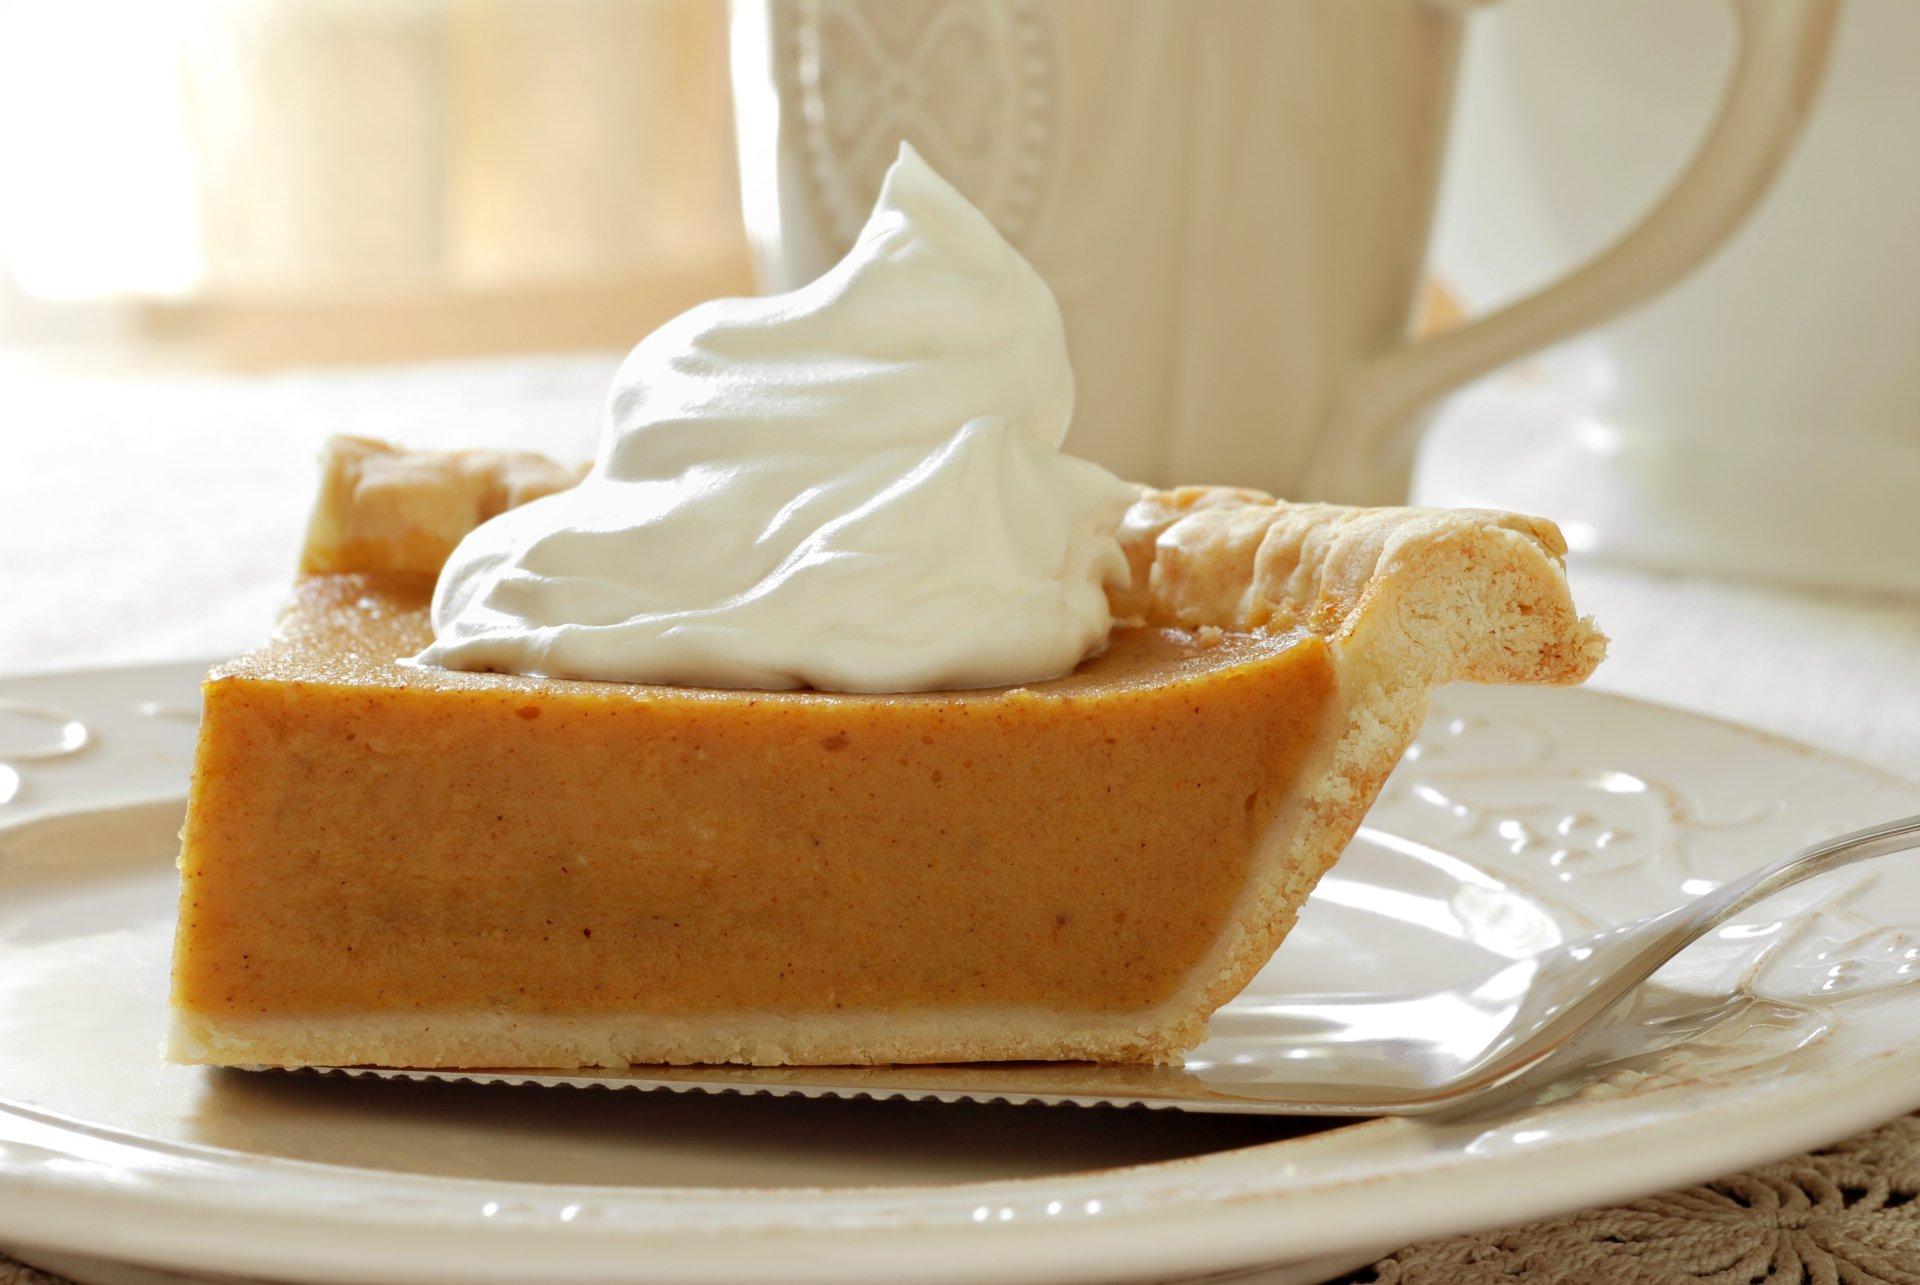 Food - Pie  Wallpaper